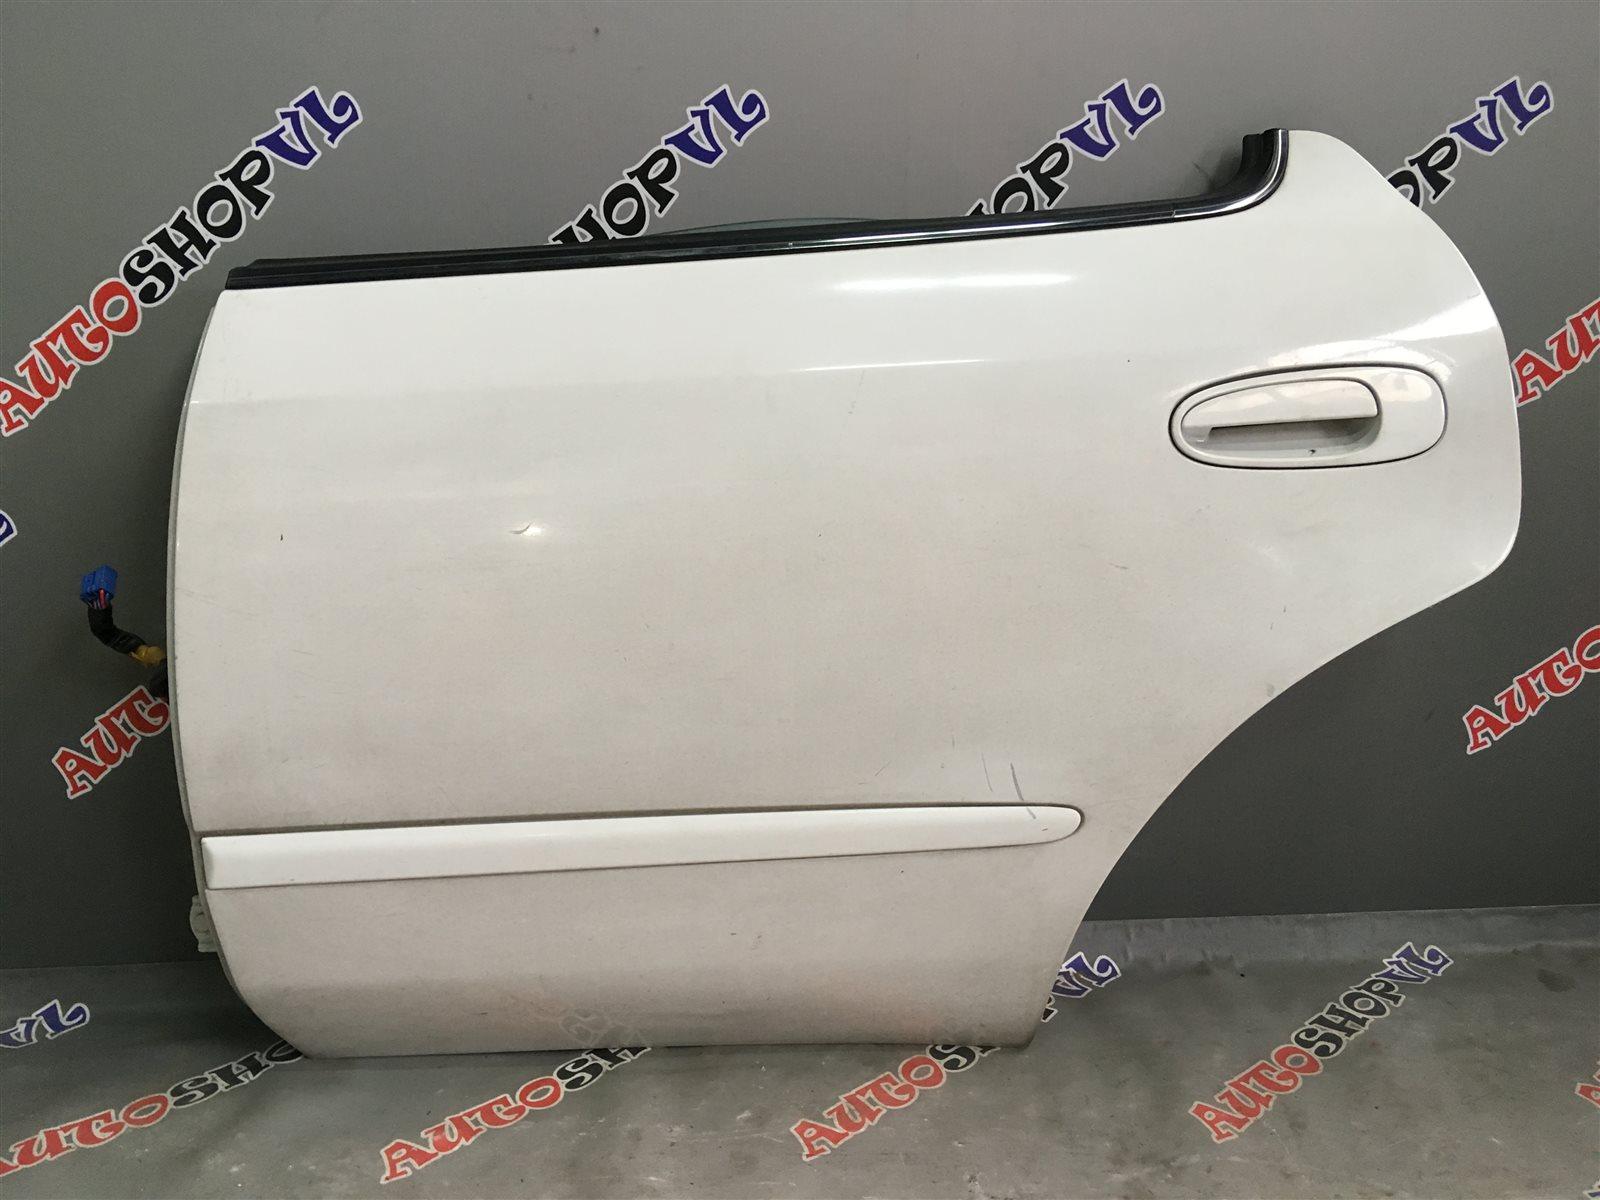 Дверь Toyota Corolla Ceres AE101 задняя левая (б/у)